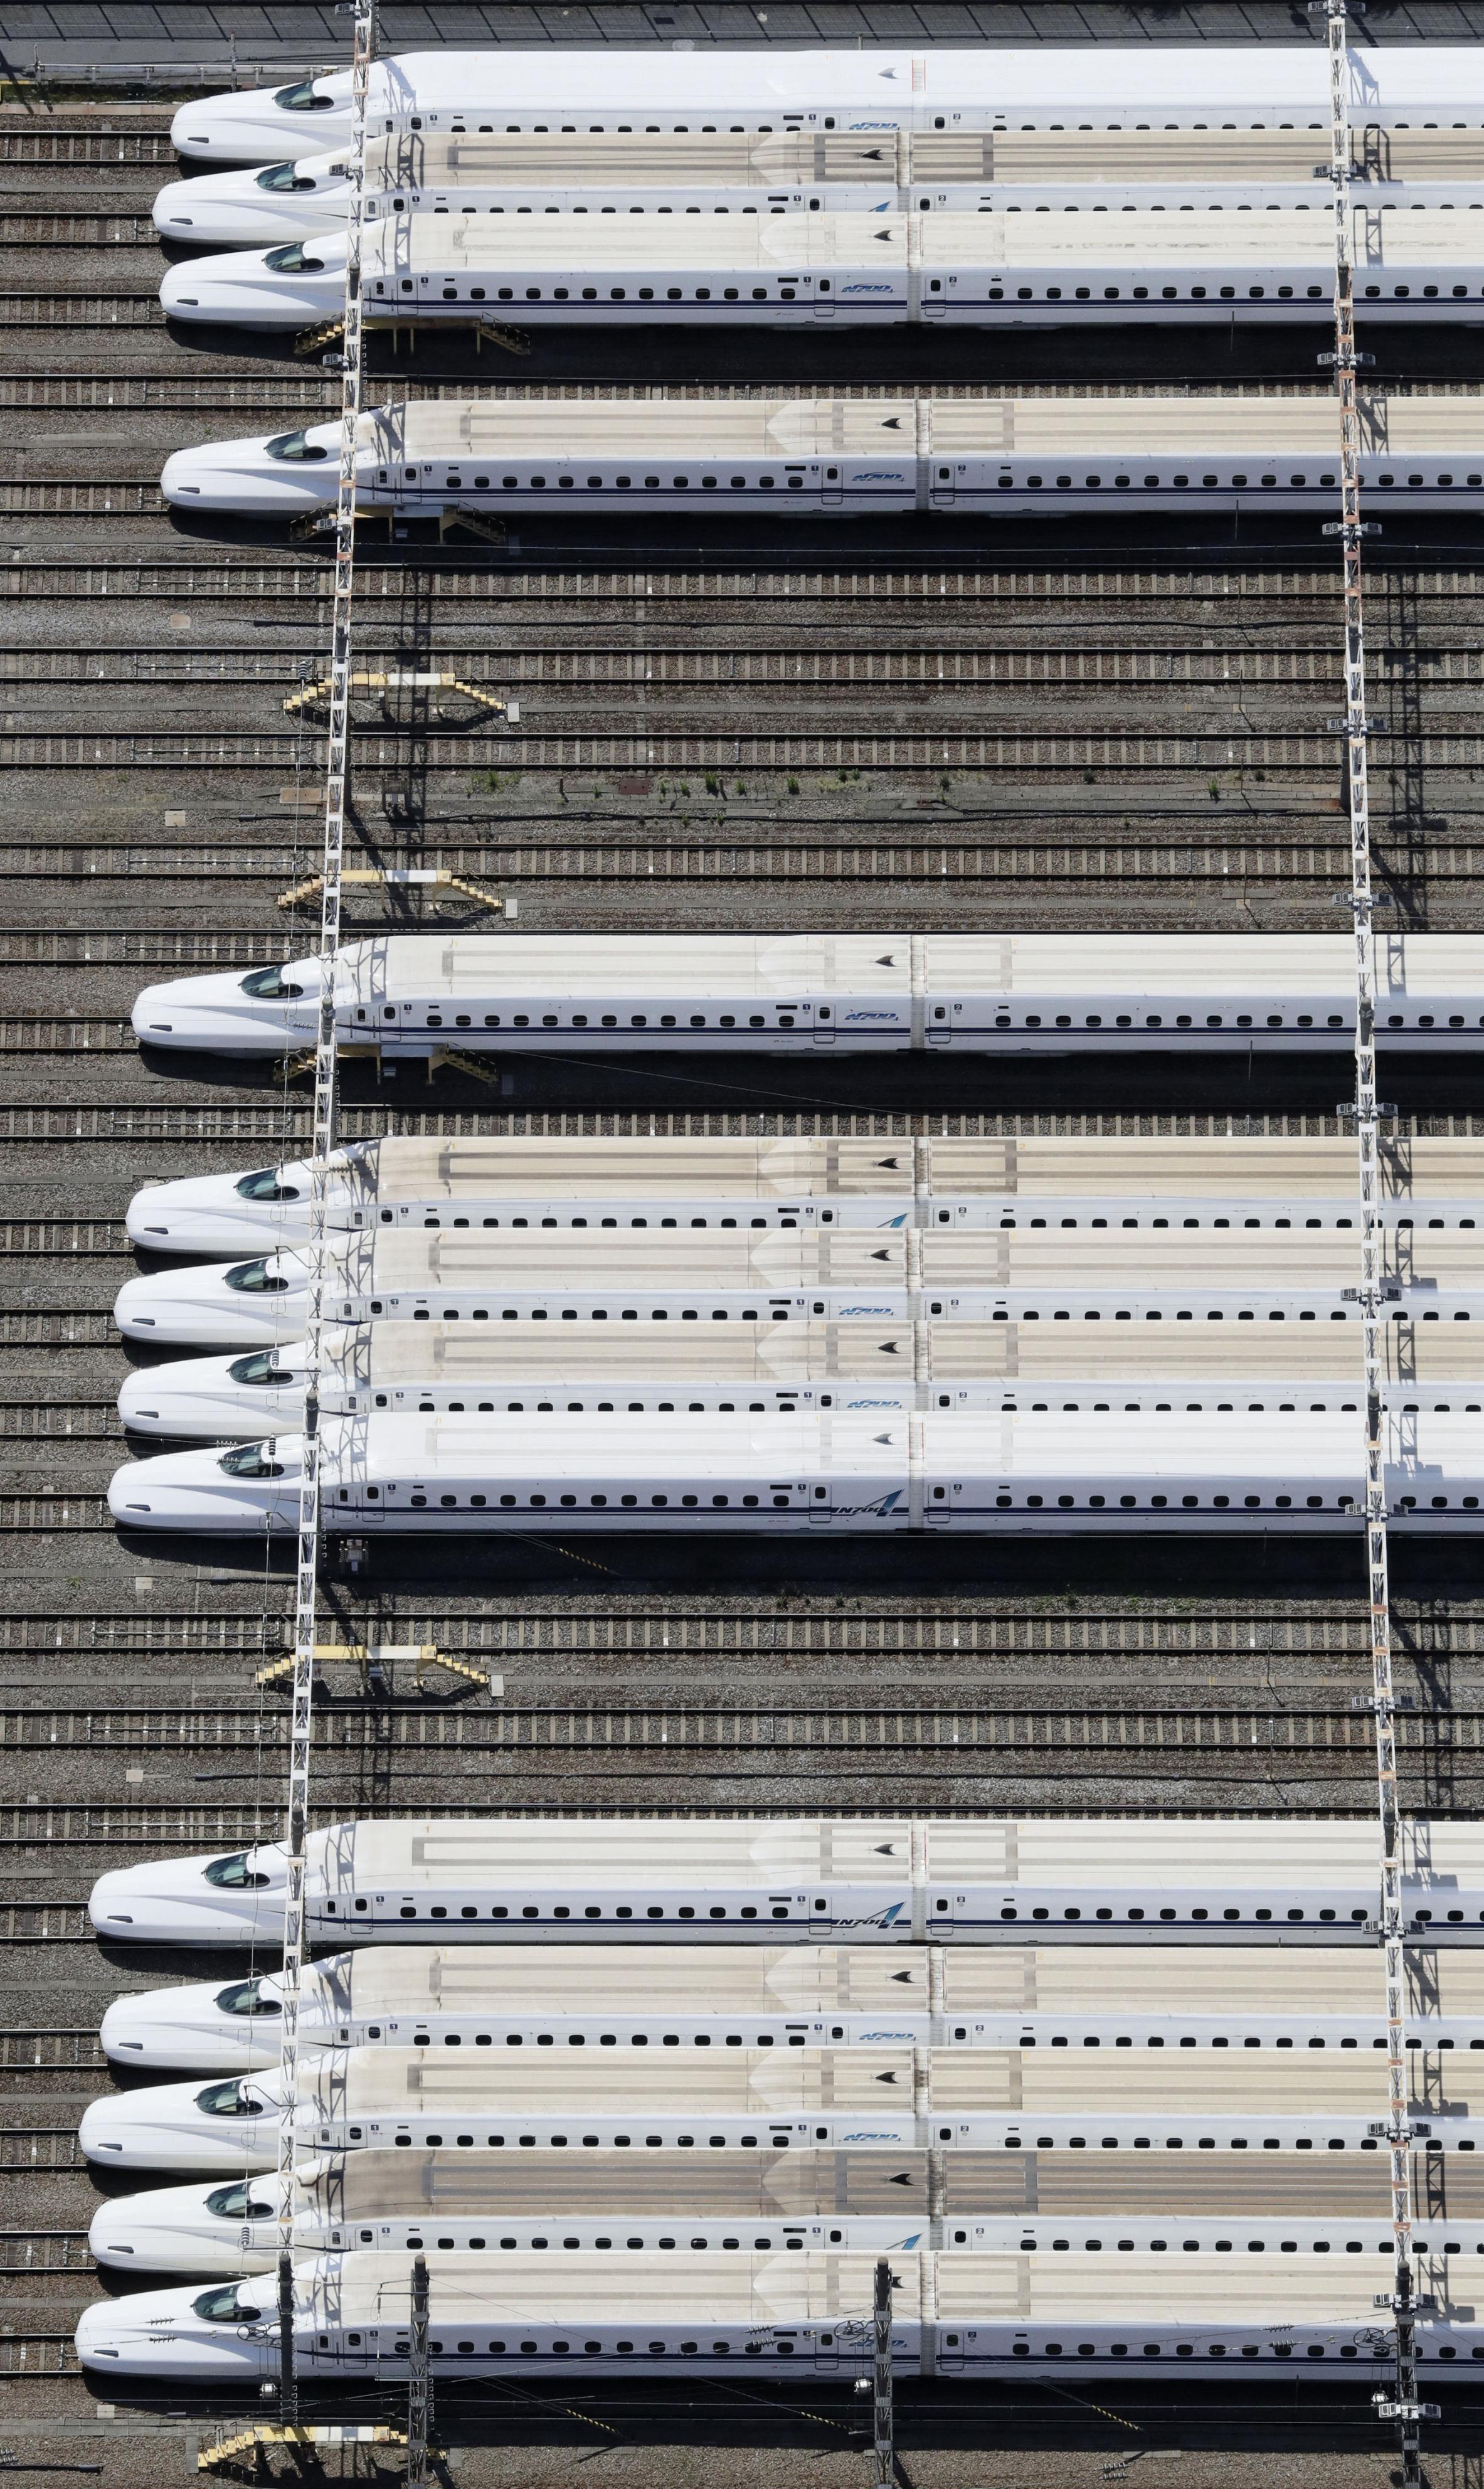 7日、東京都品川区の車両基地に並ぶ新幹線